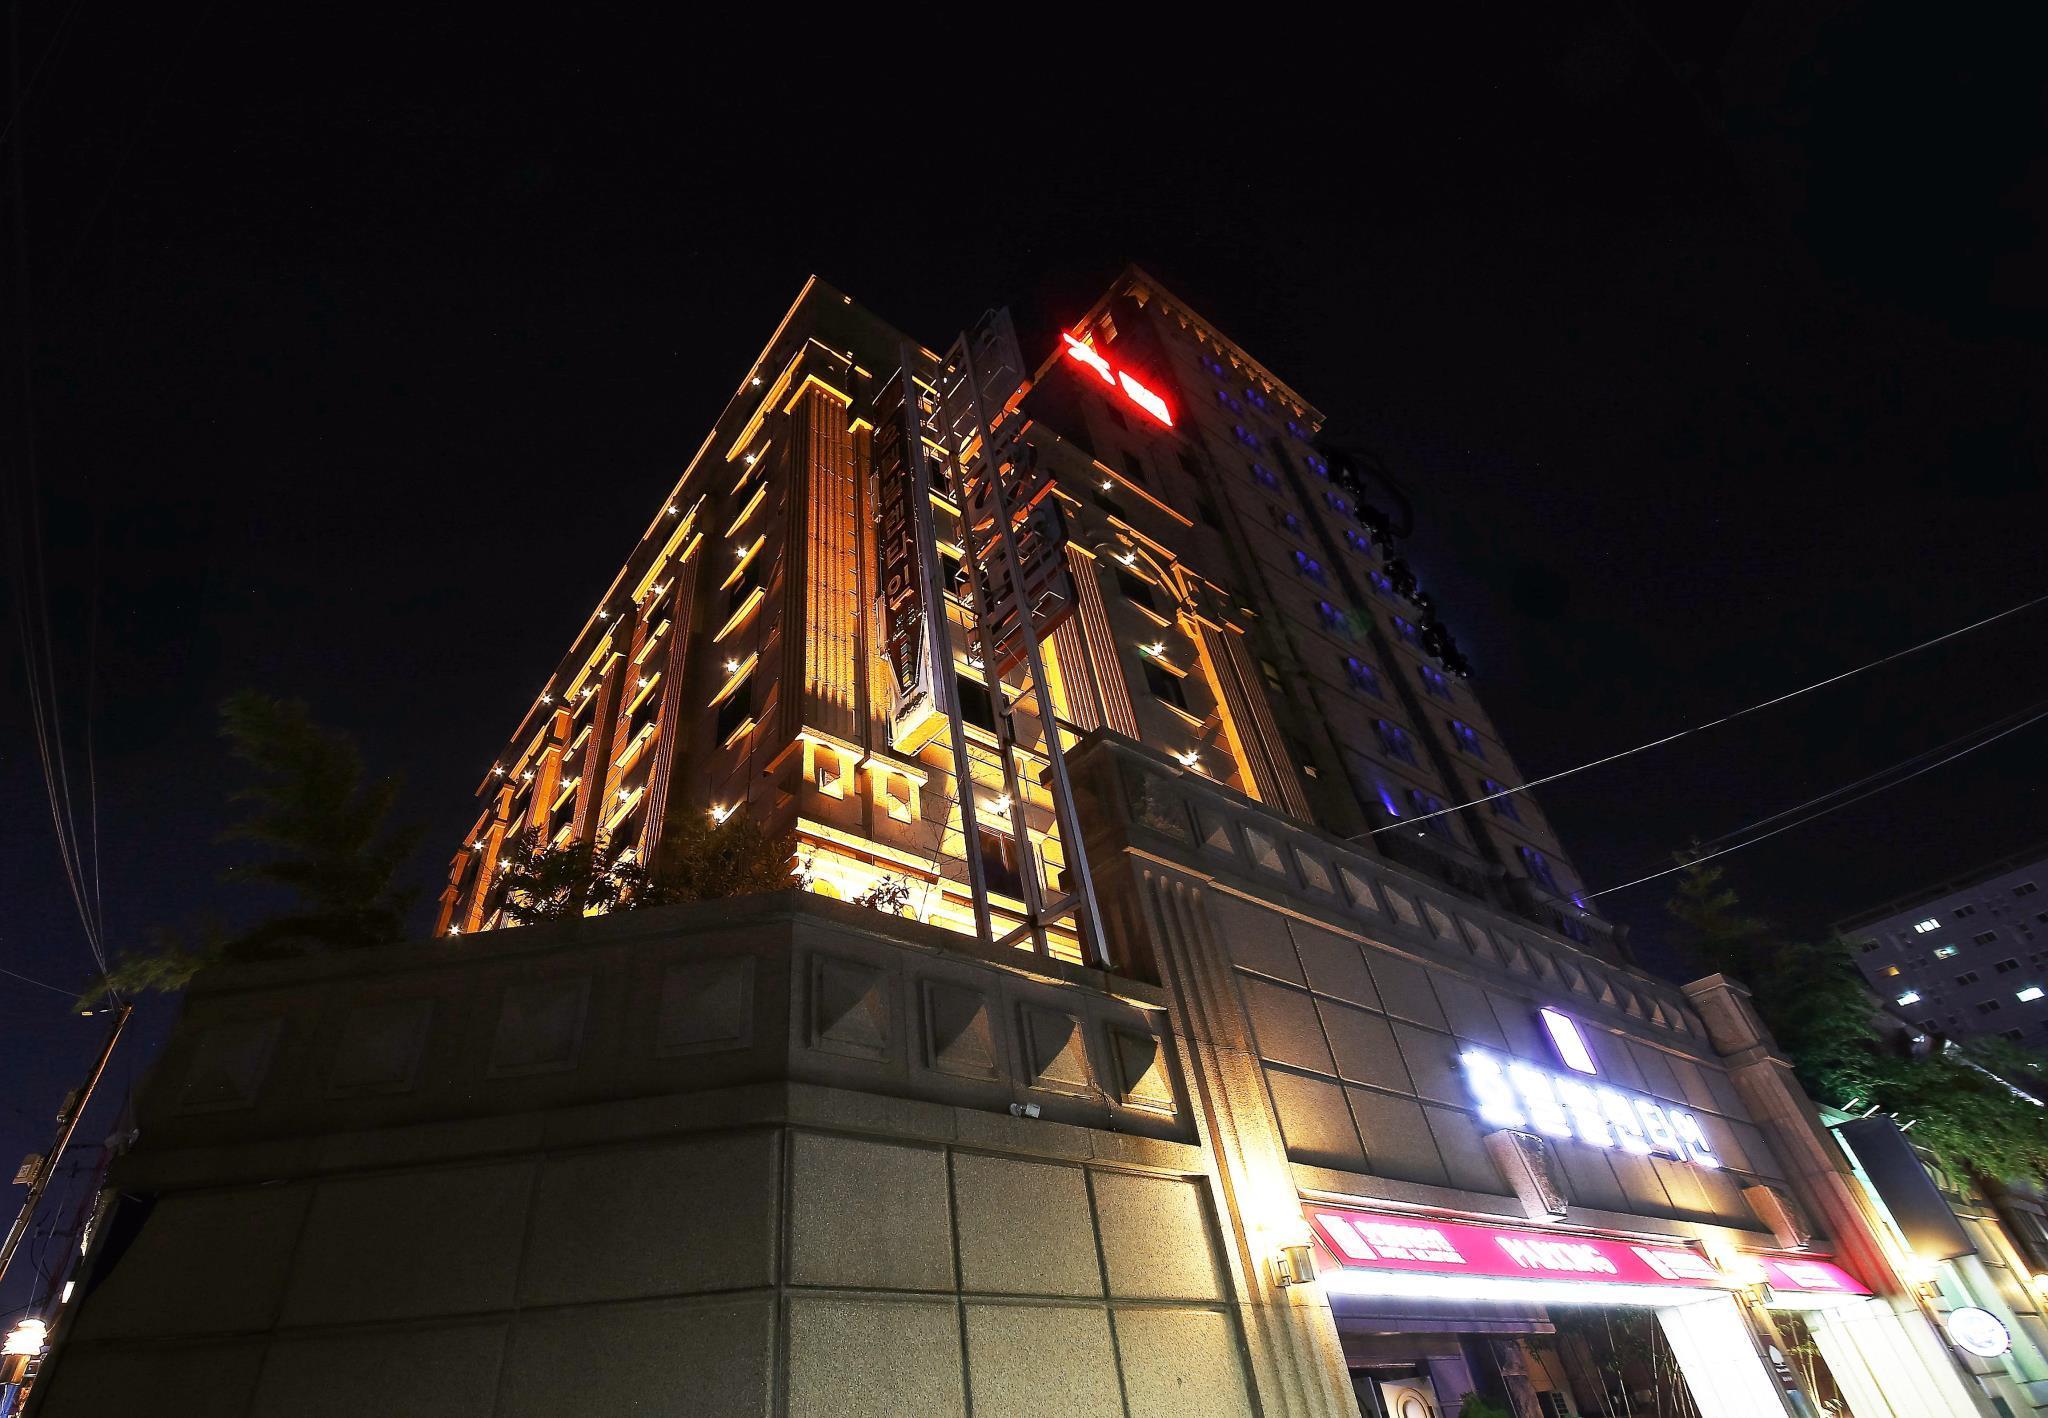 Goodstay Hotel Valentine, Geum-cheon